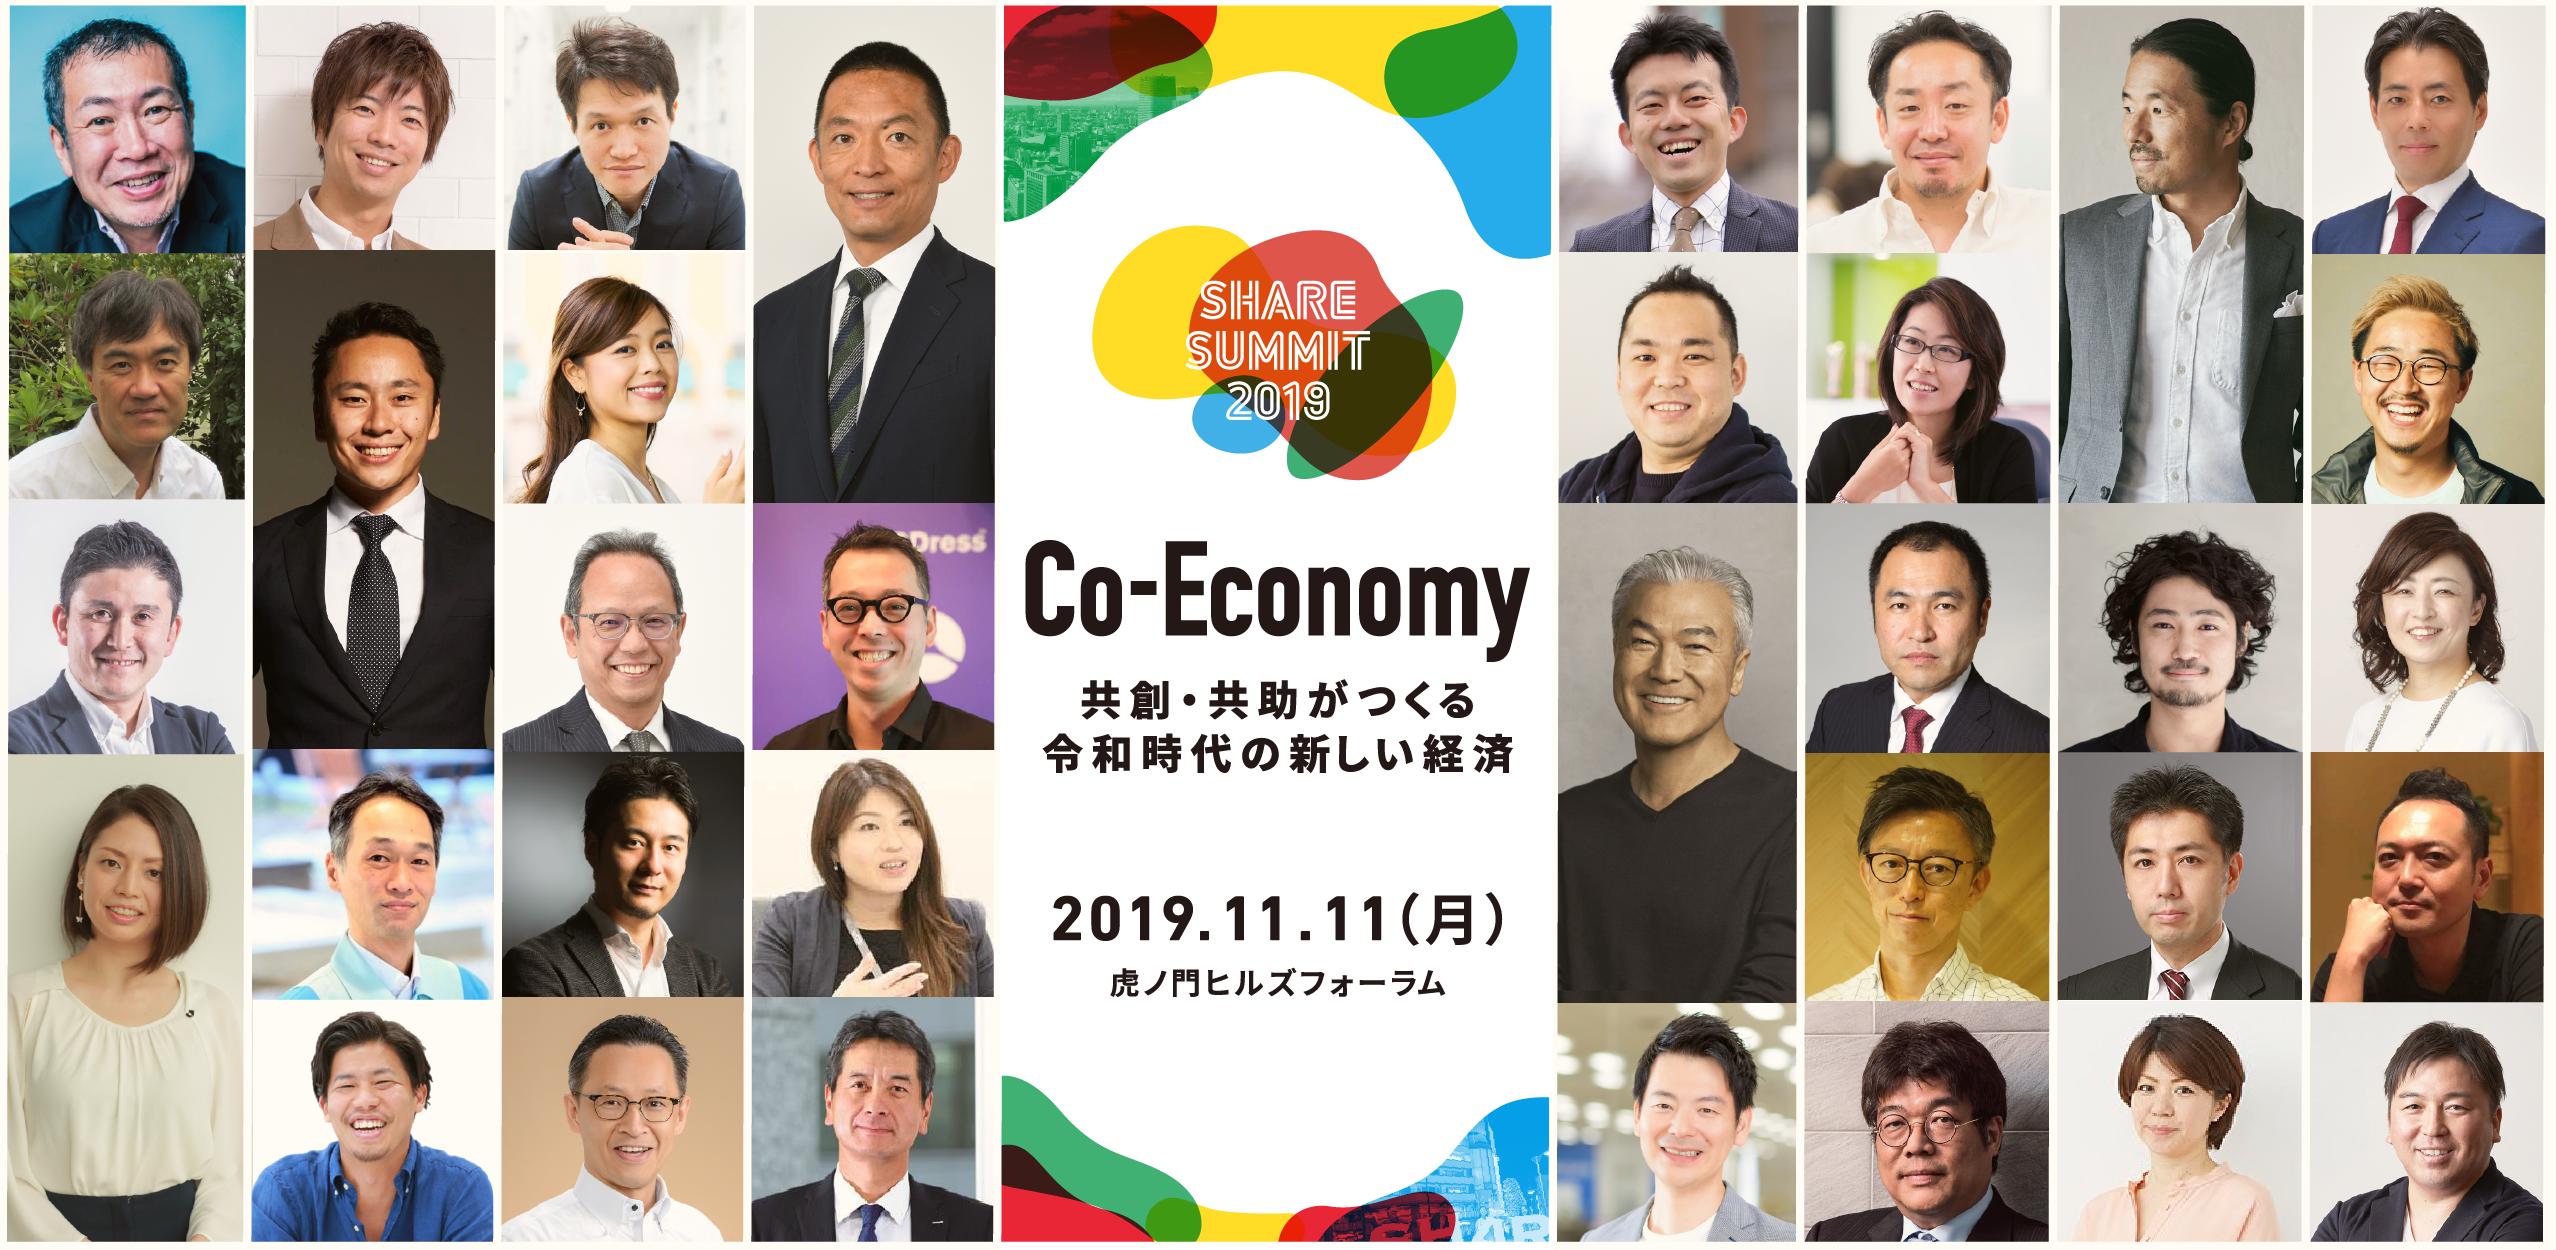 ⽇本最⼤シェアリングエコノミーの祭典 SHARE SUMMIT 2019(プログラム・登壇者 第1弾を発表)